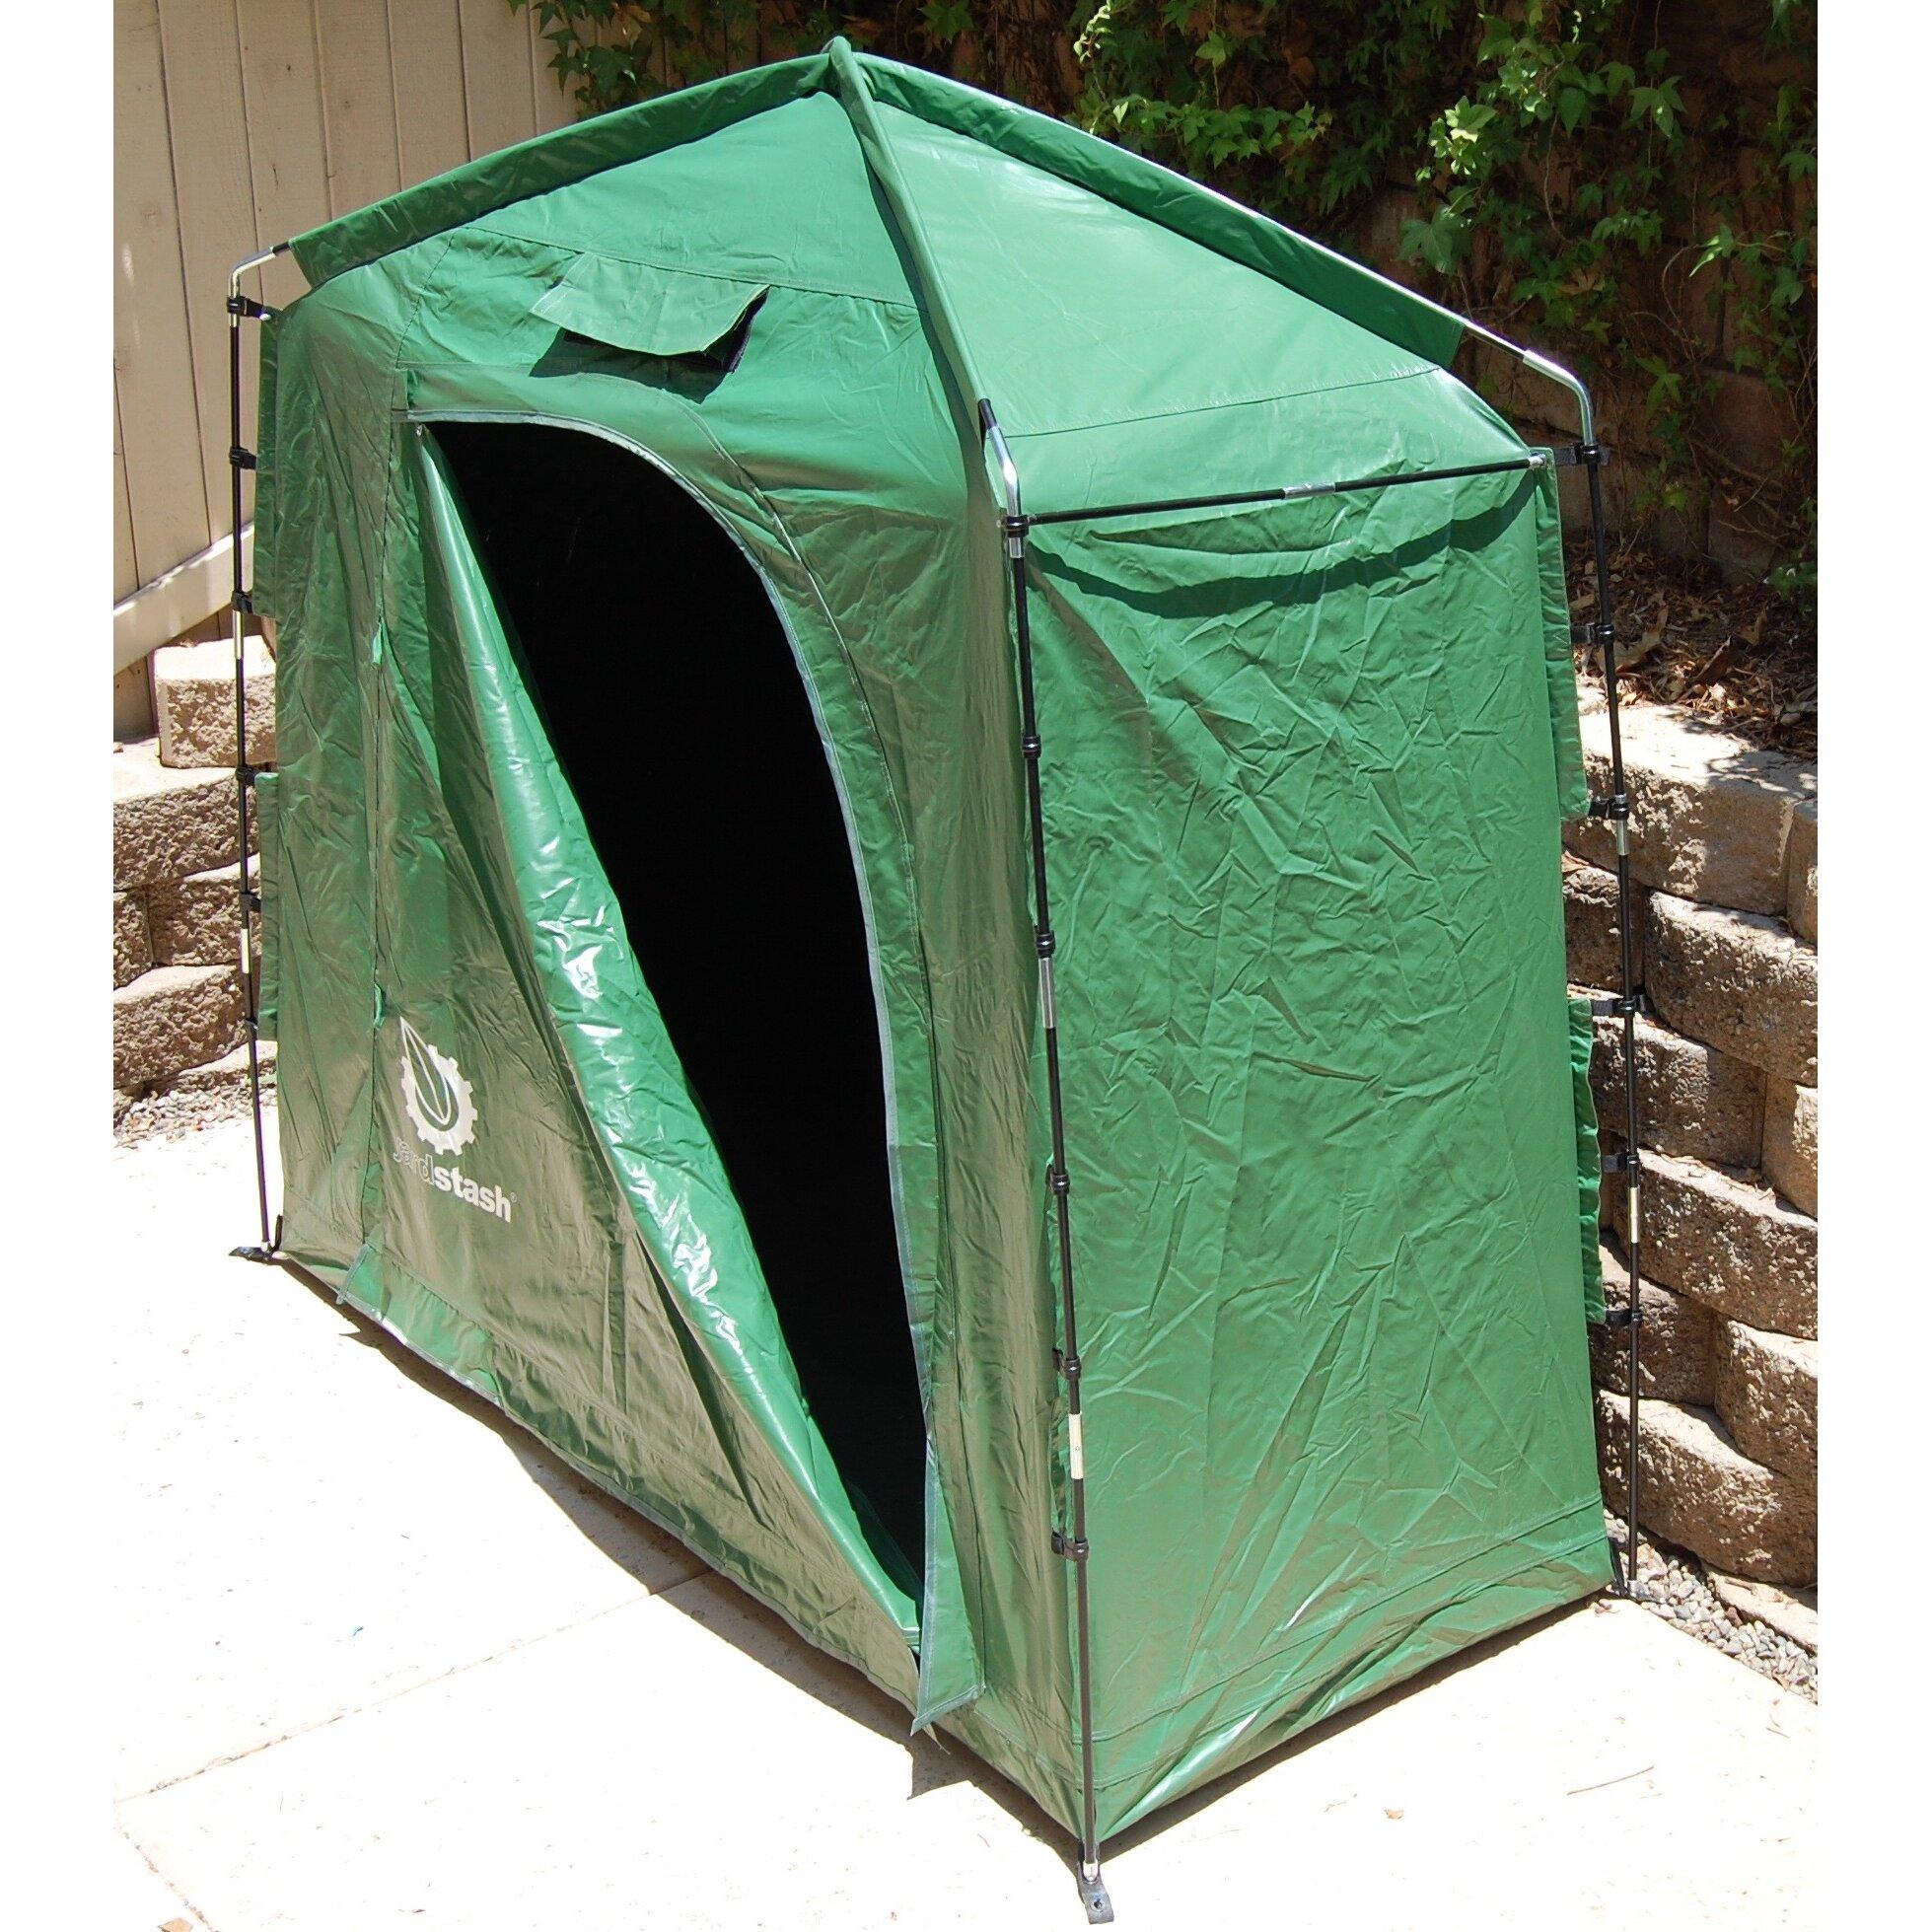 Yardstash solutions the yardstash iv 6 ft w x 3 ft d for Portable outside storage sheds